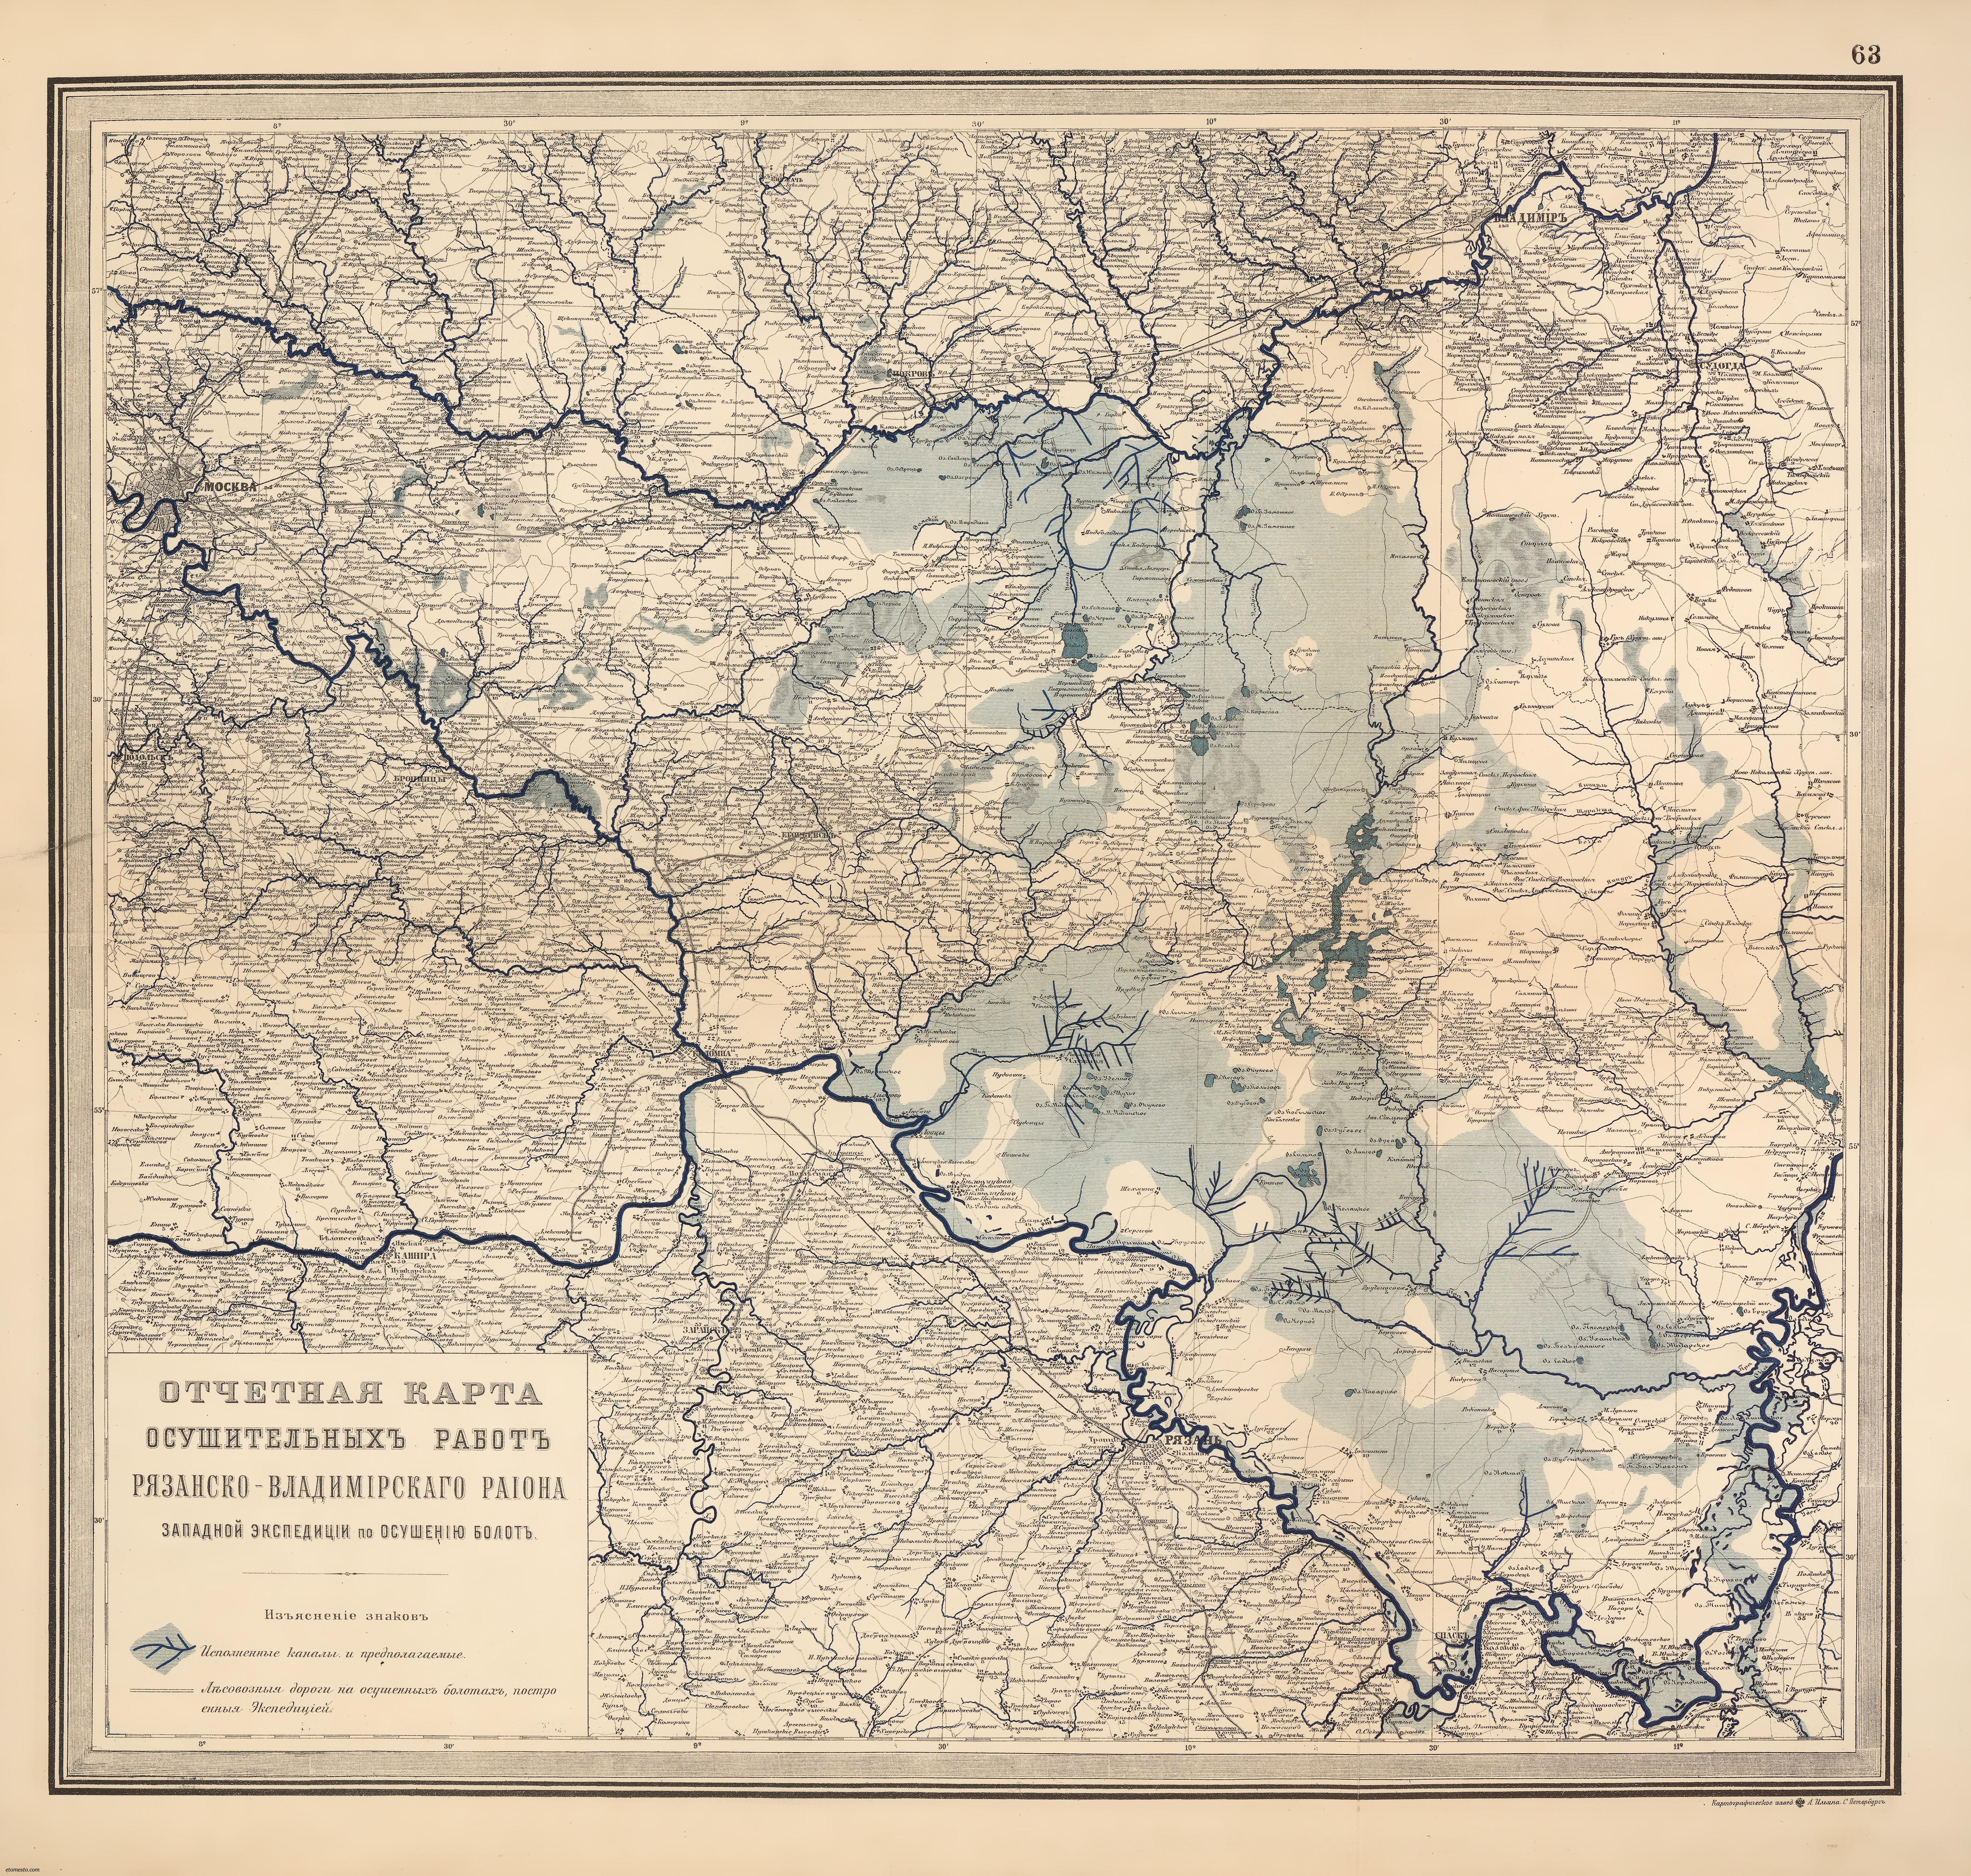 Вснх карты рязанской области